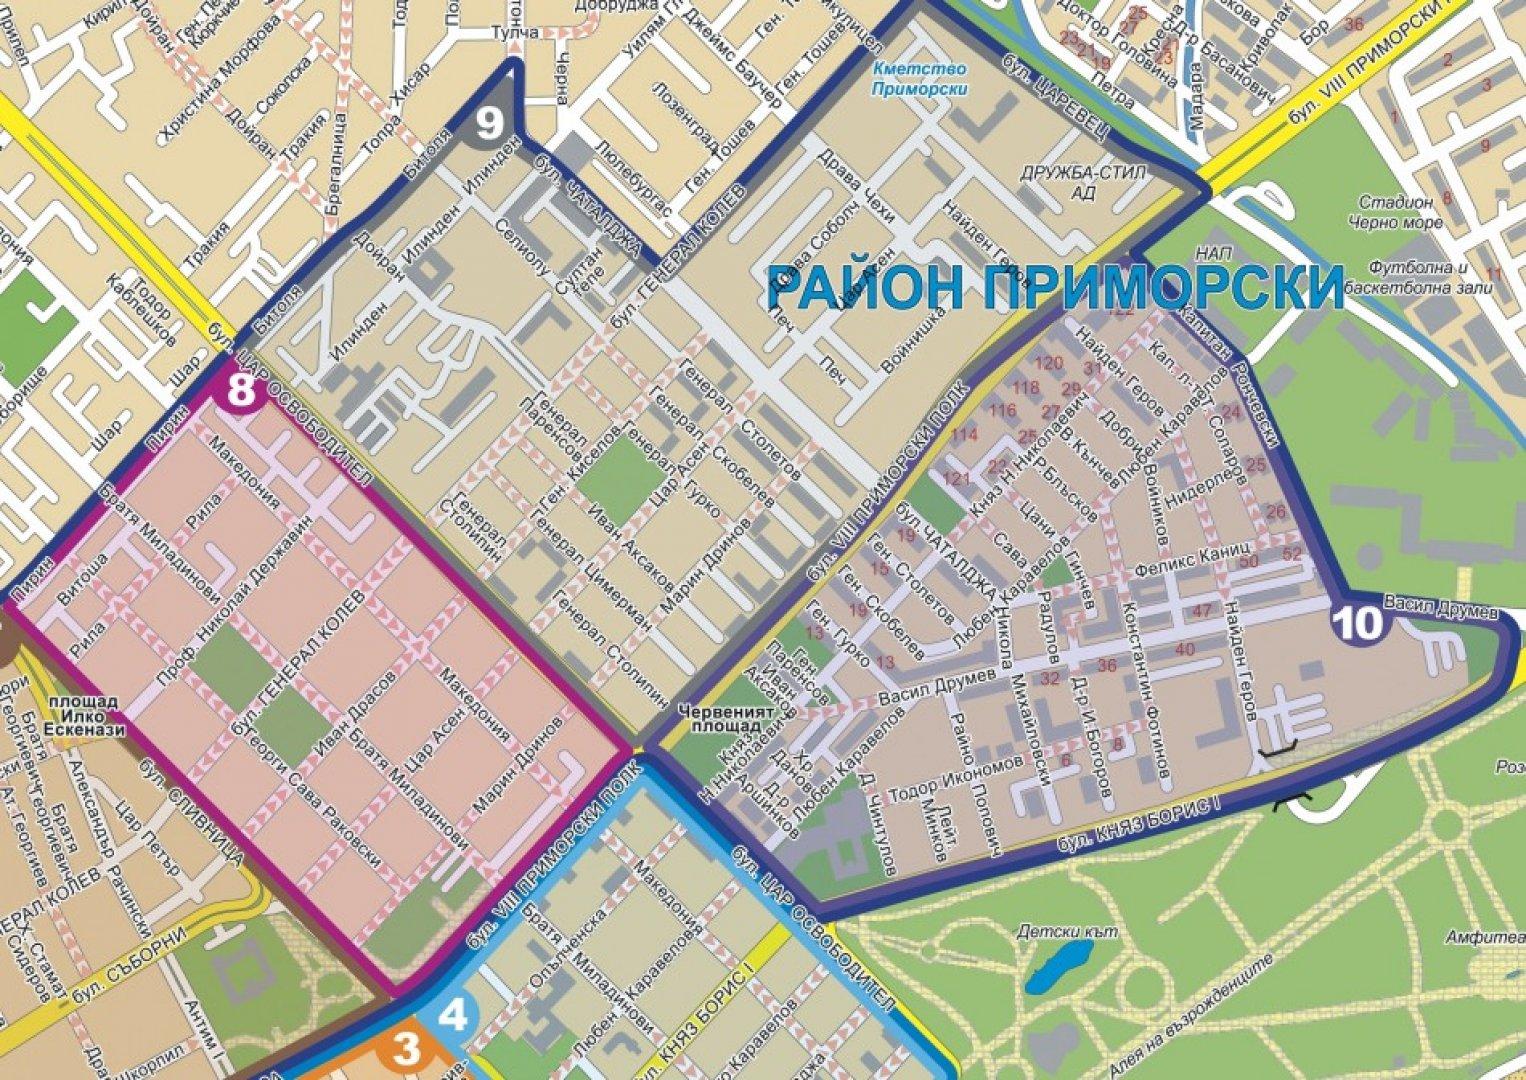 Работното време на зоната ще бъде от 09.00 до 19.00 часа в делнични дни. Снимка Община Варна